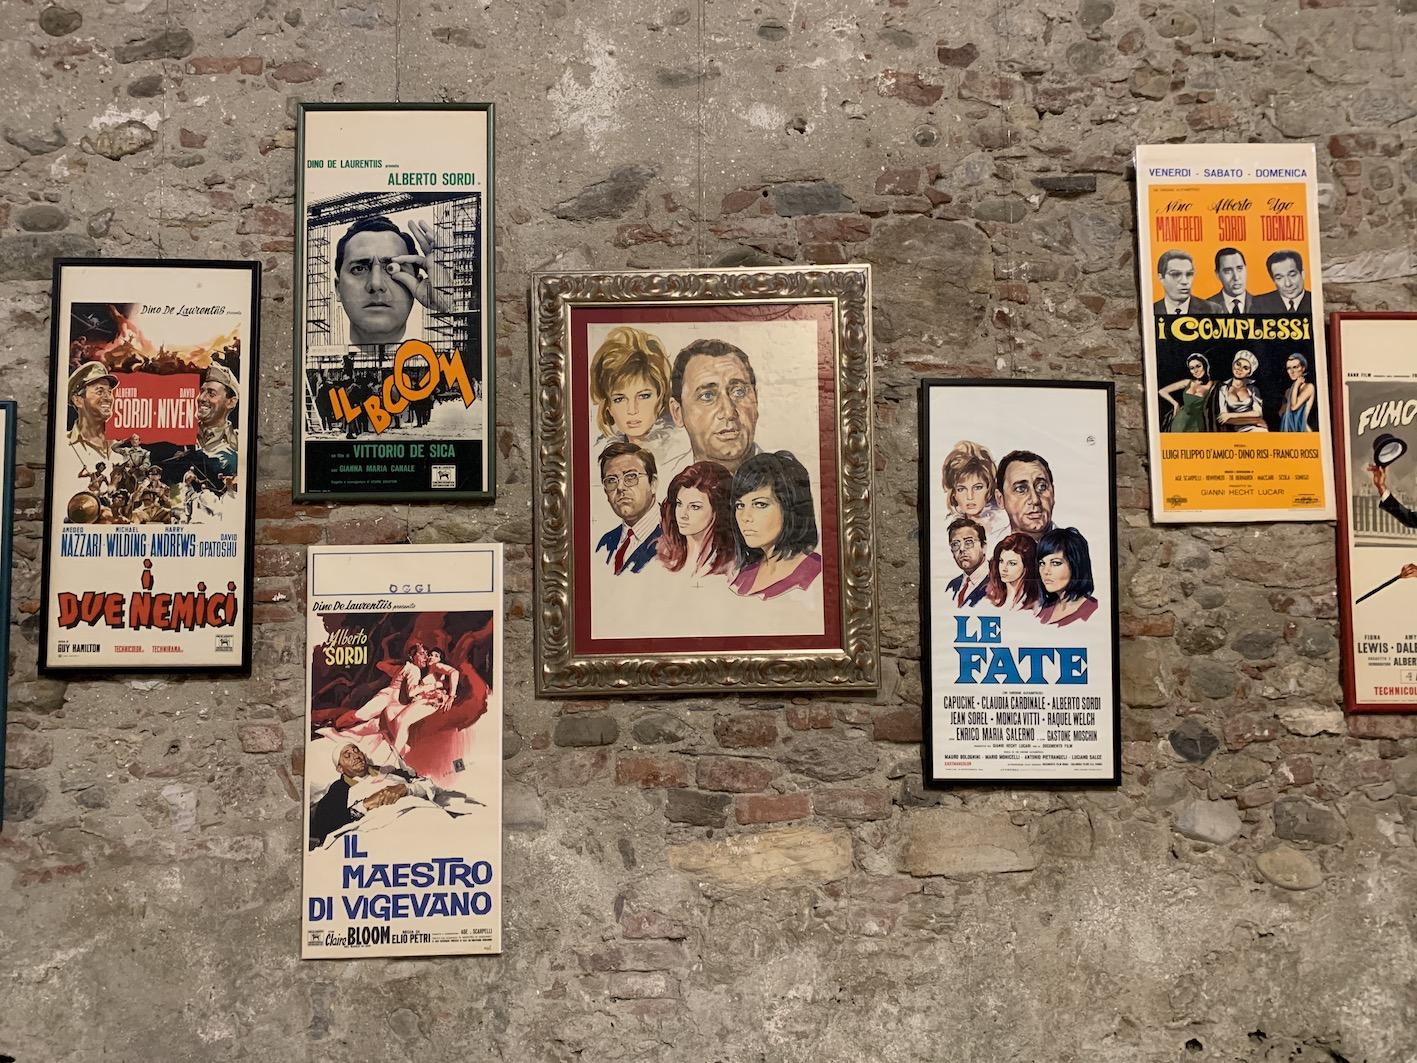 Lucca Film Festival 2020 - Alberto Sordi, Fellini e i Vitelloni: 100 anni insieme